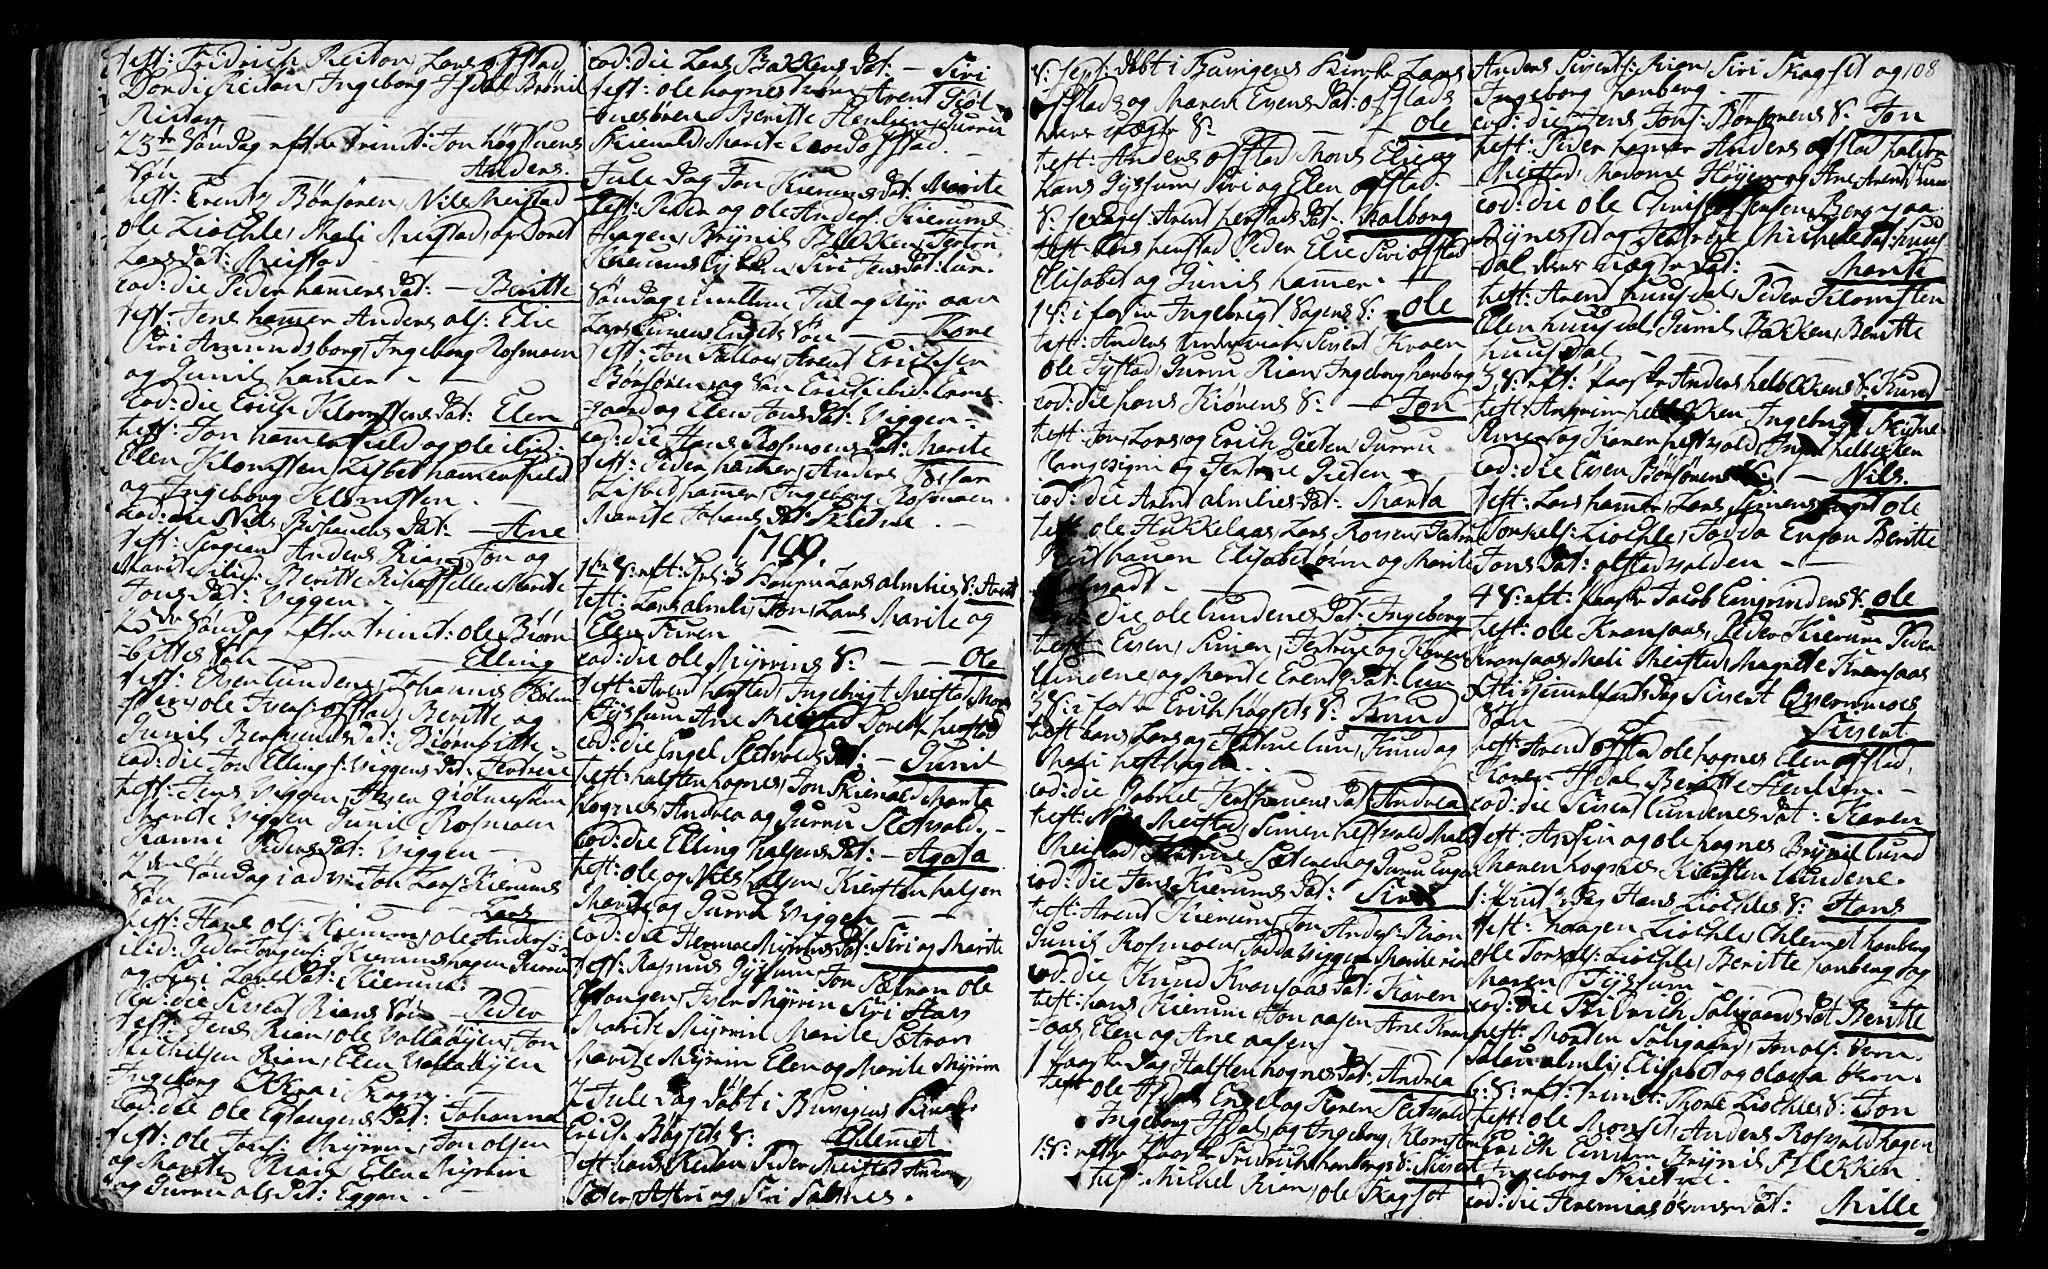 SAT, Ministerialprotokoller, klokkerbøker og fødselsregistre - Sør-Trøndelag, 665/L0768: Ministerialbok nr. 665A03, 1754-1803, s. 108